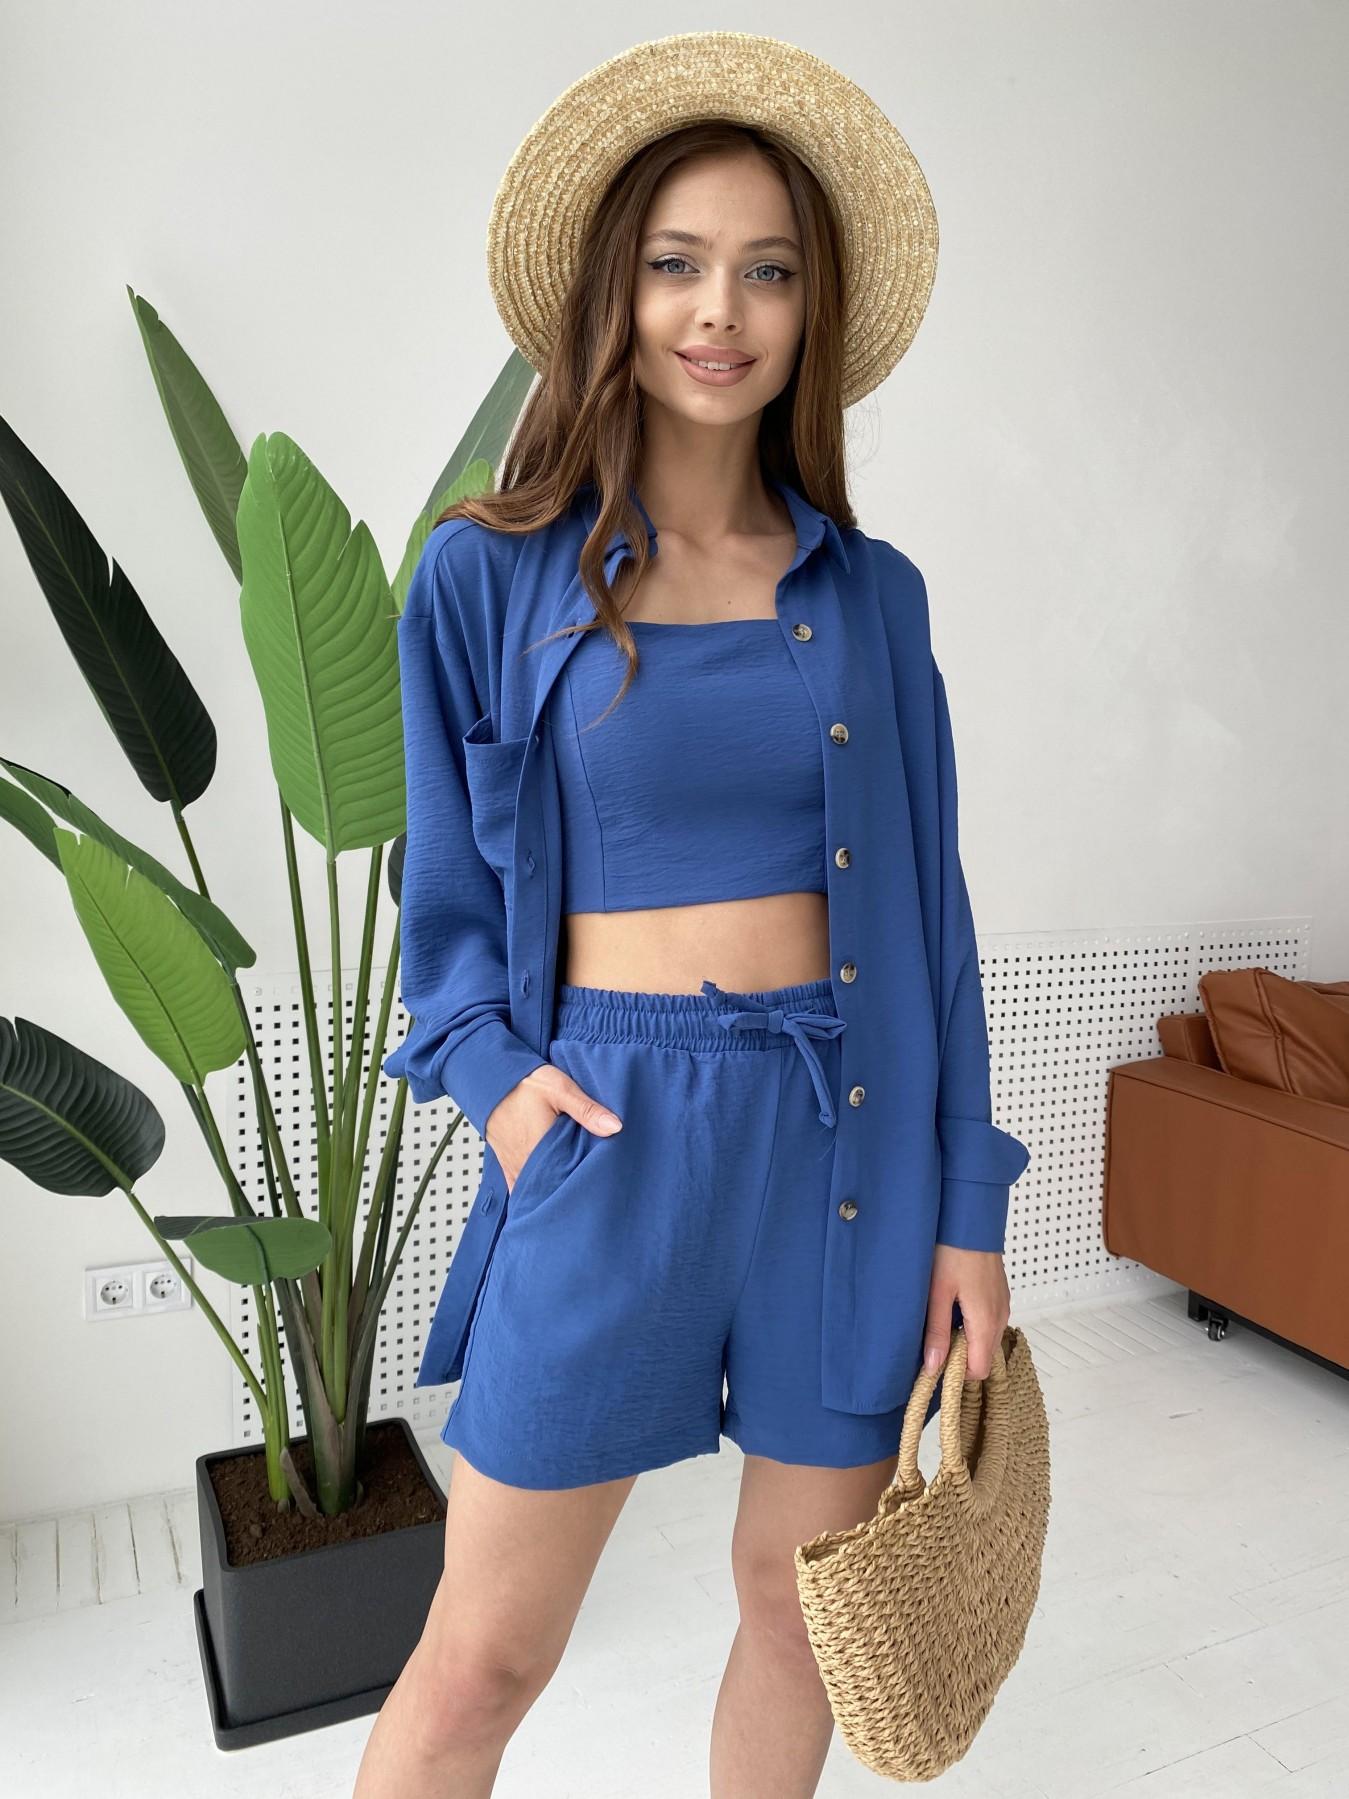 Квадро костюм американский из ткани креп (4 ед) 11303 АРТ. 47955 Цвет: Синий - фото 8, интернет магазин tm-modus.ru